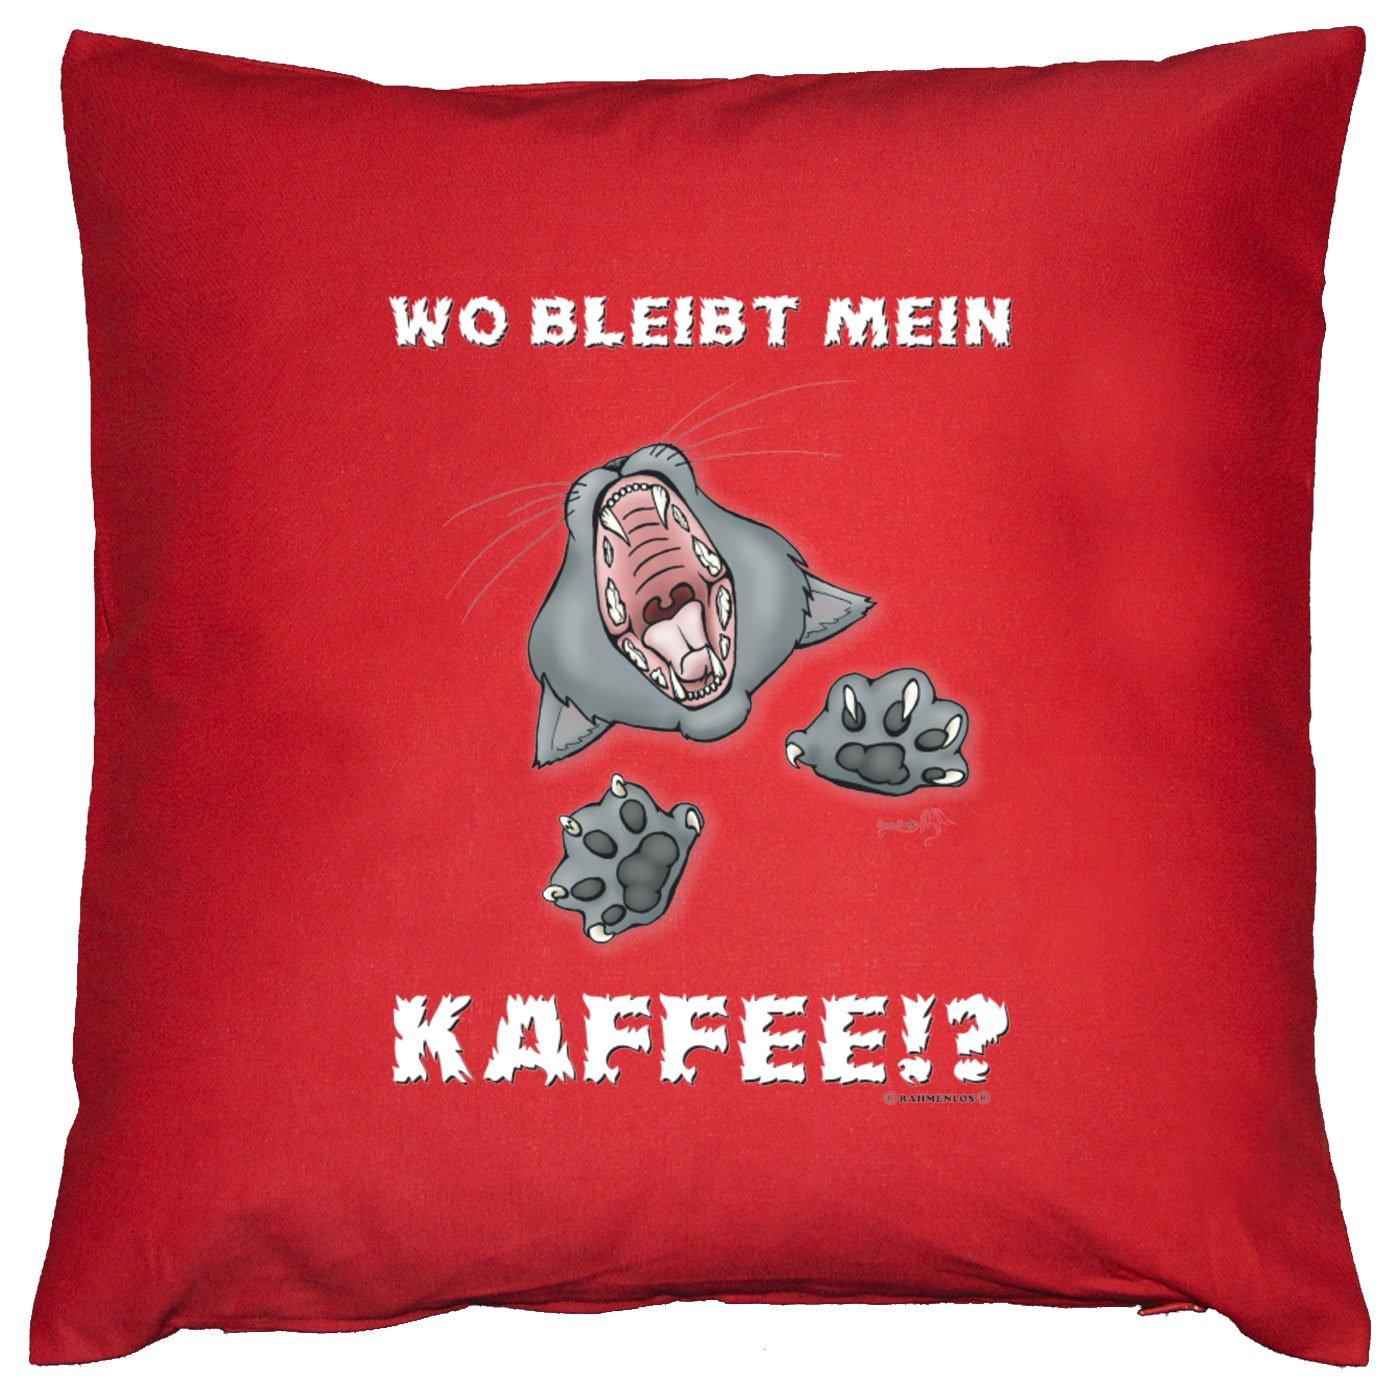 Sofa Fun Kissen mit Füllung – Spruch: Wo bleibt mein Kaffee!? – cooles lustiges Geschenk Couchkissen Sofakissen Dekokissen Geburtstag Weihnachten günstig kaufen